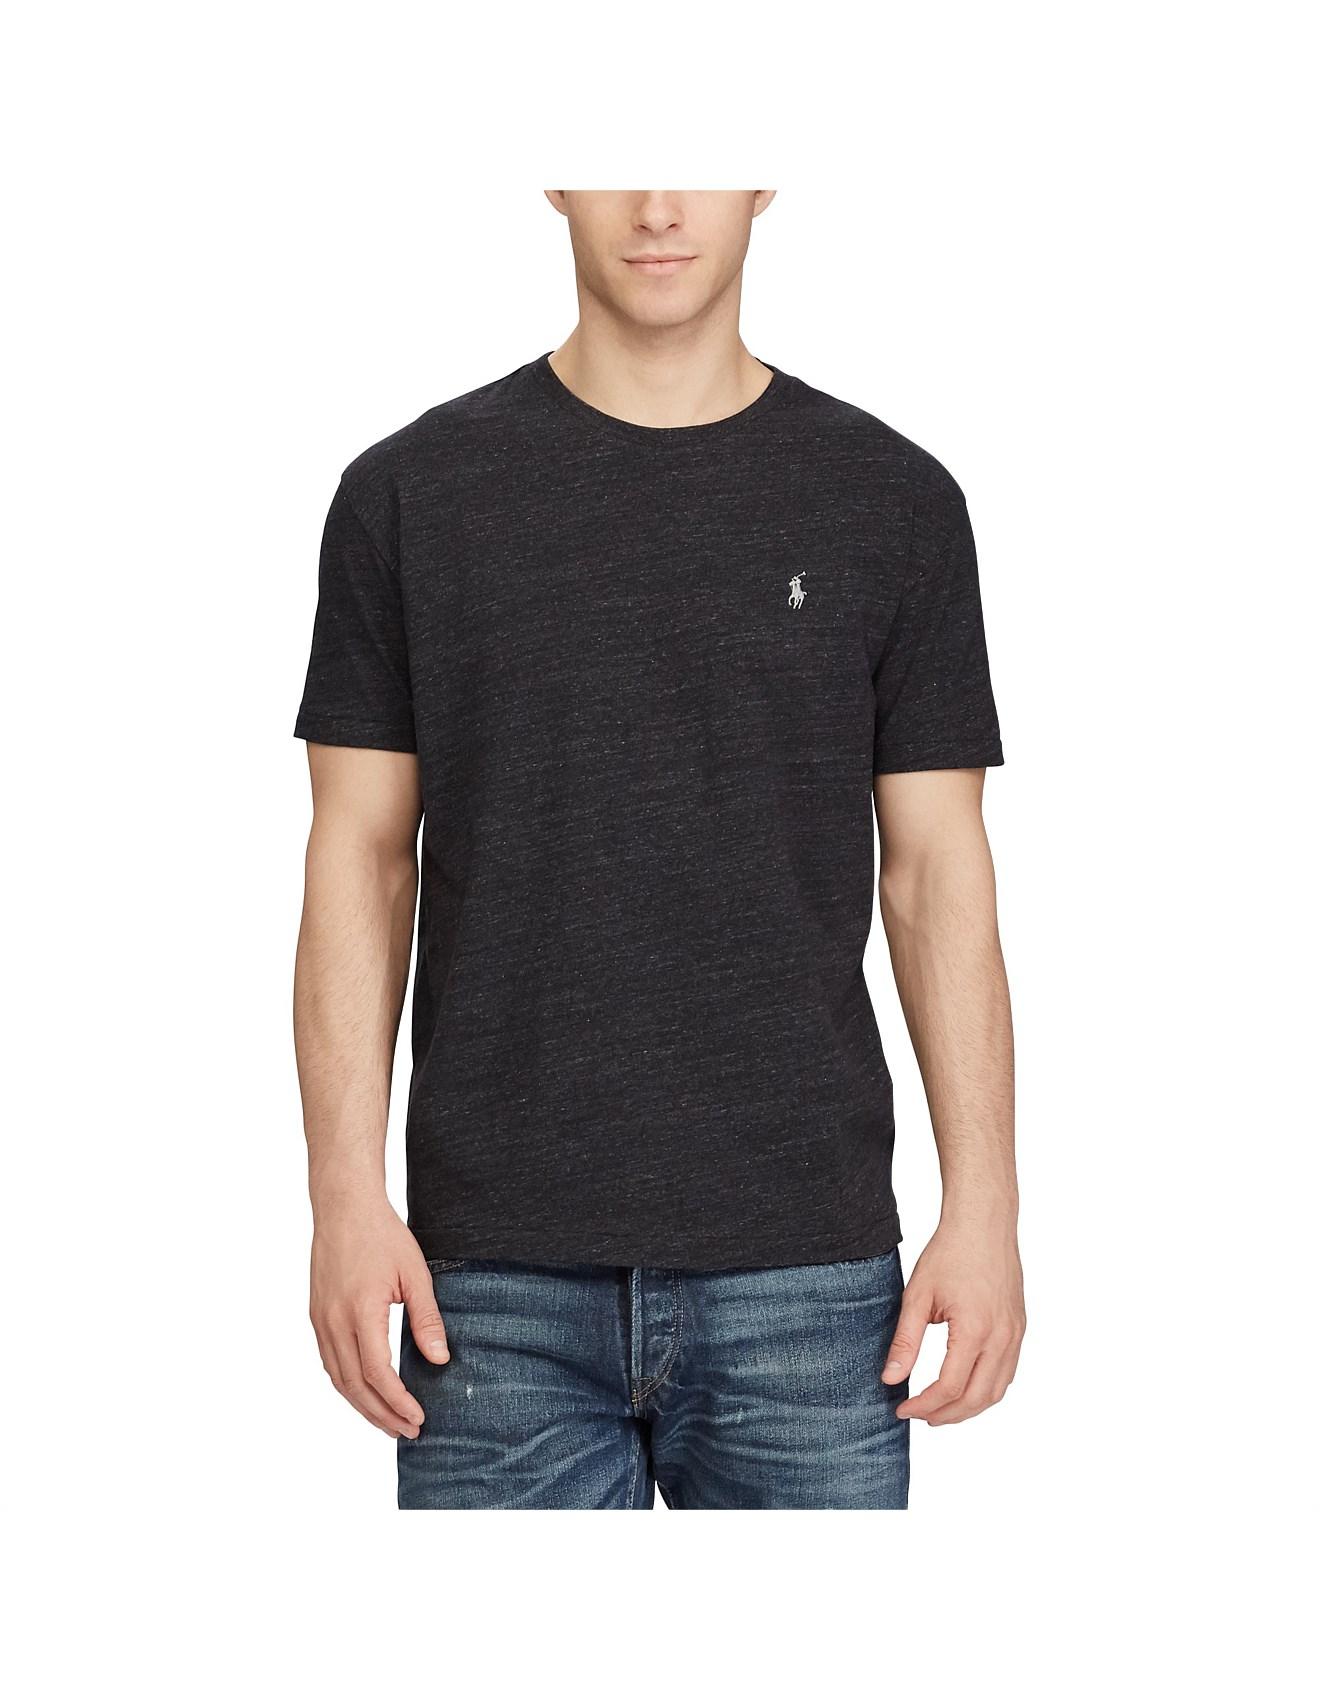 d85f4fb8 Men's T-Shirts | Buy T-Shirts & Tops Online | David Jones - Mens ...